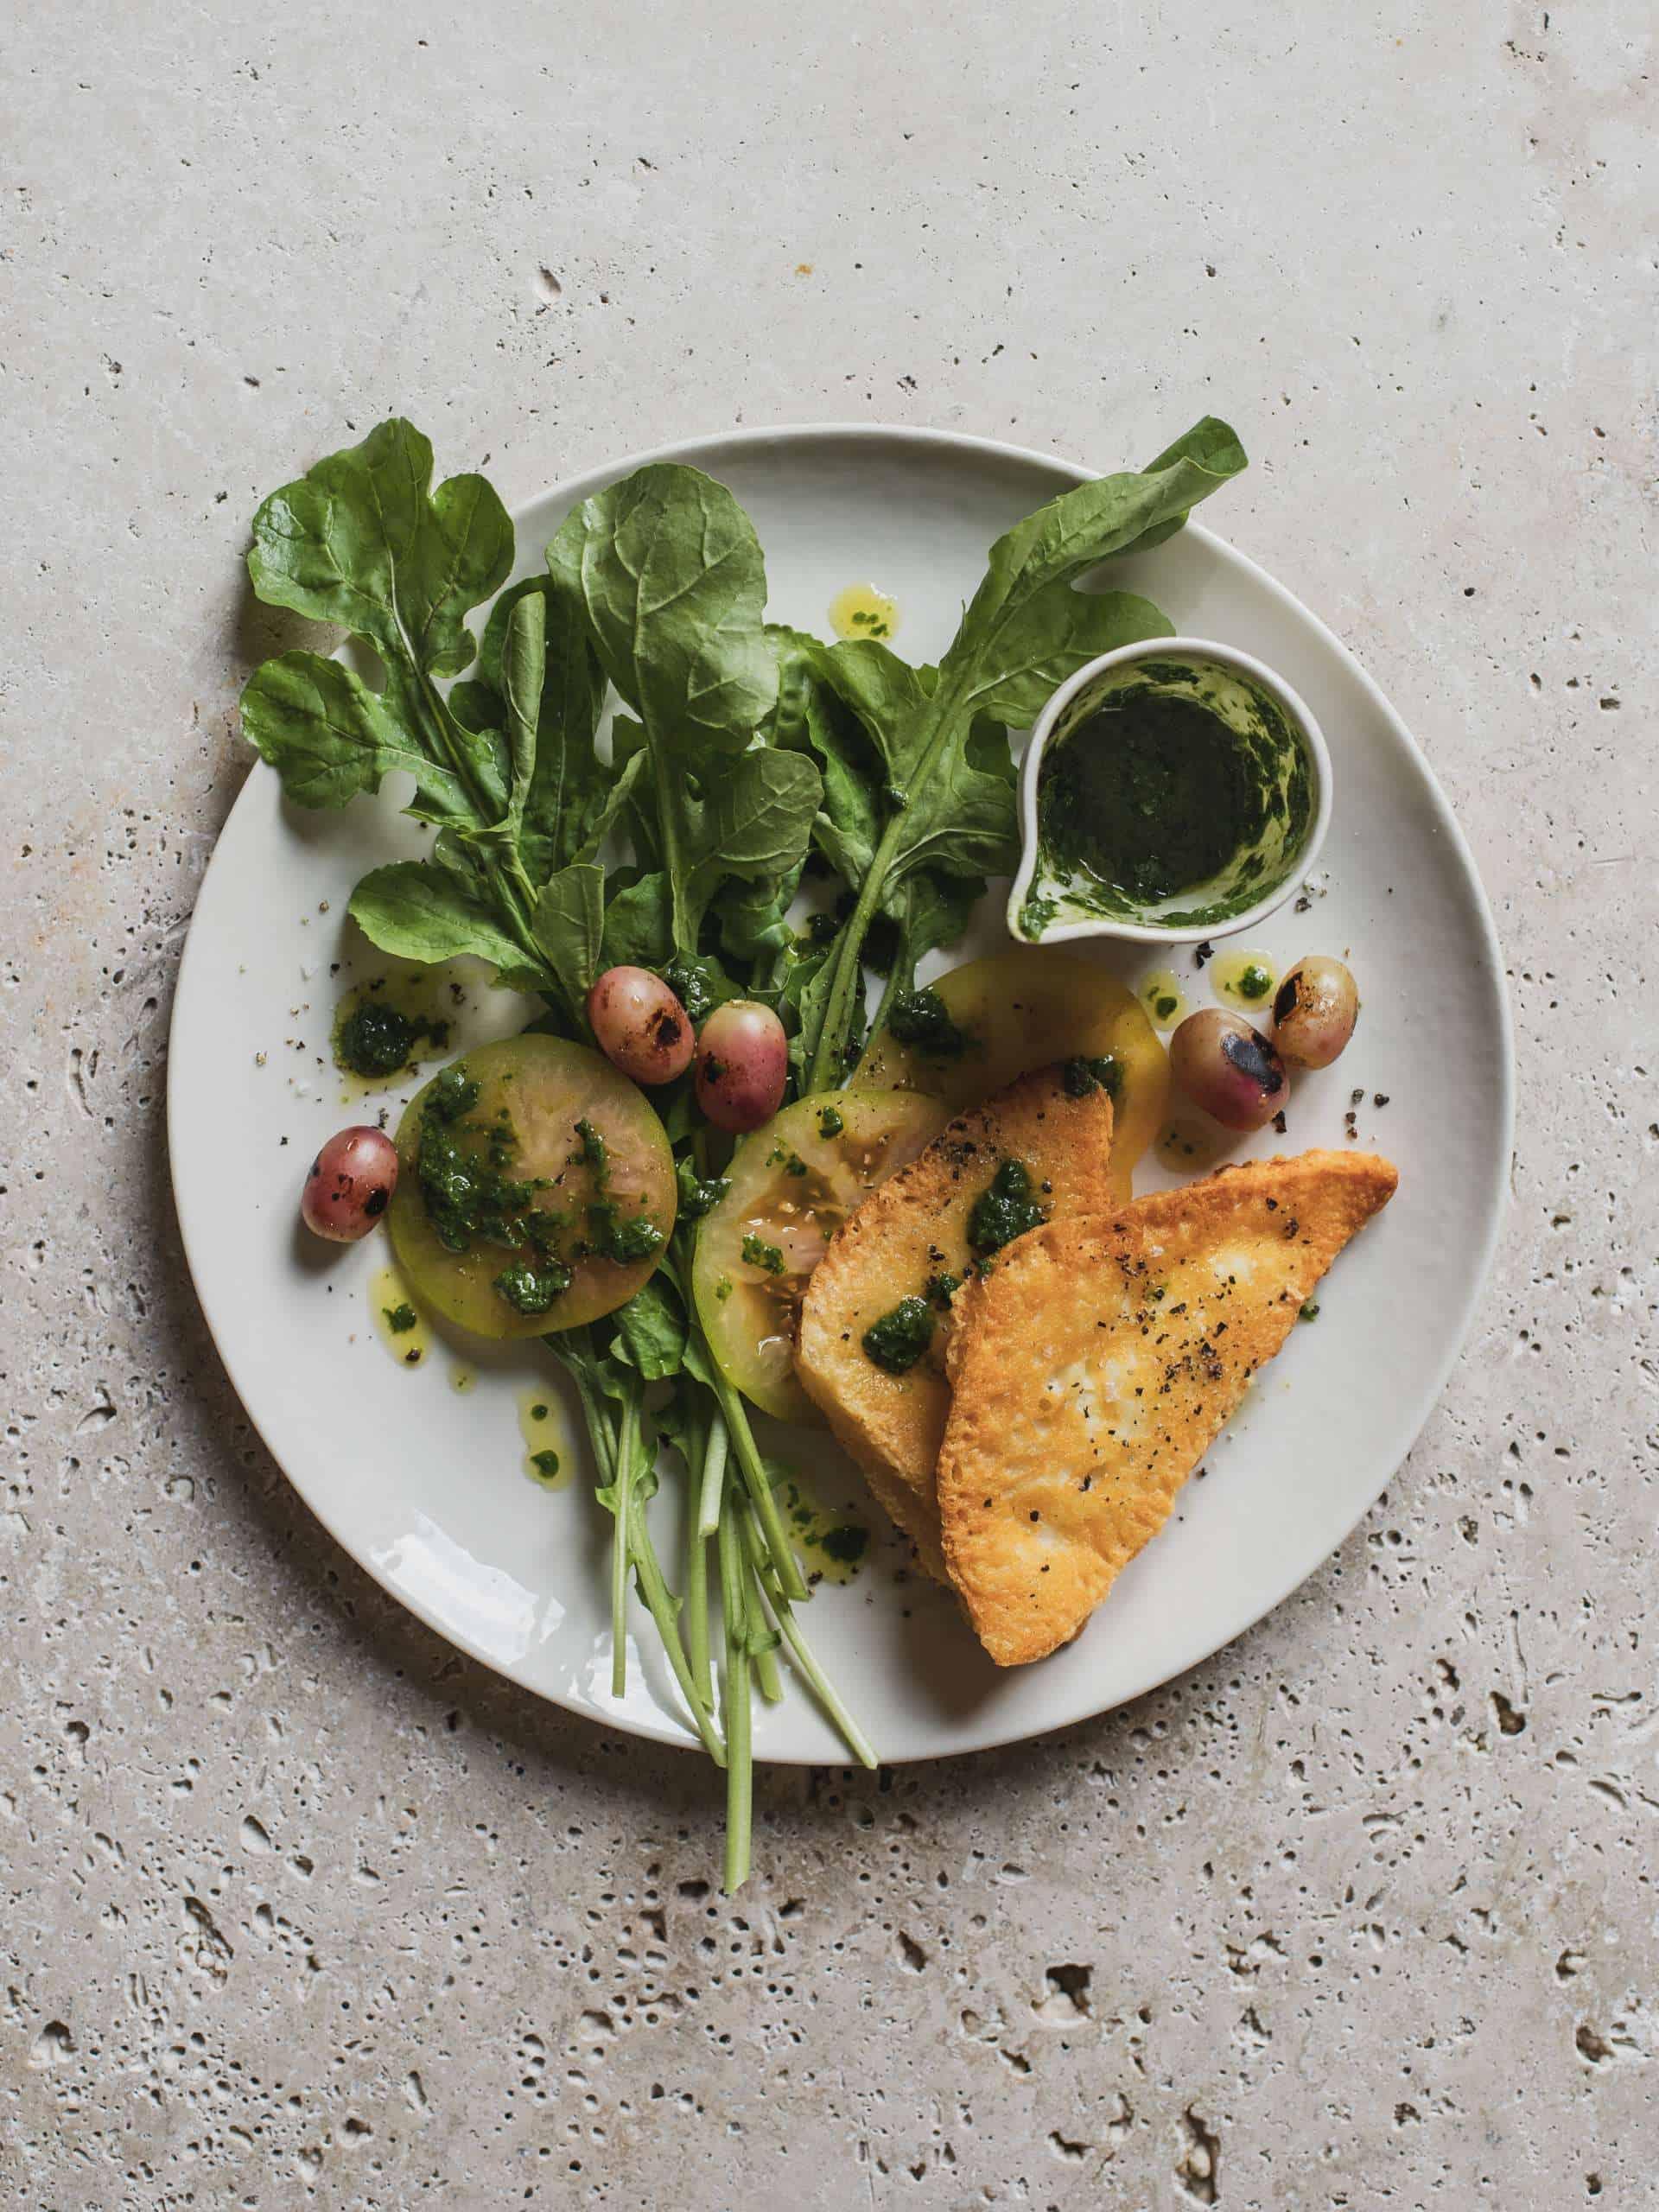 Saganaki Grape And Rocket Salad